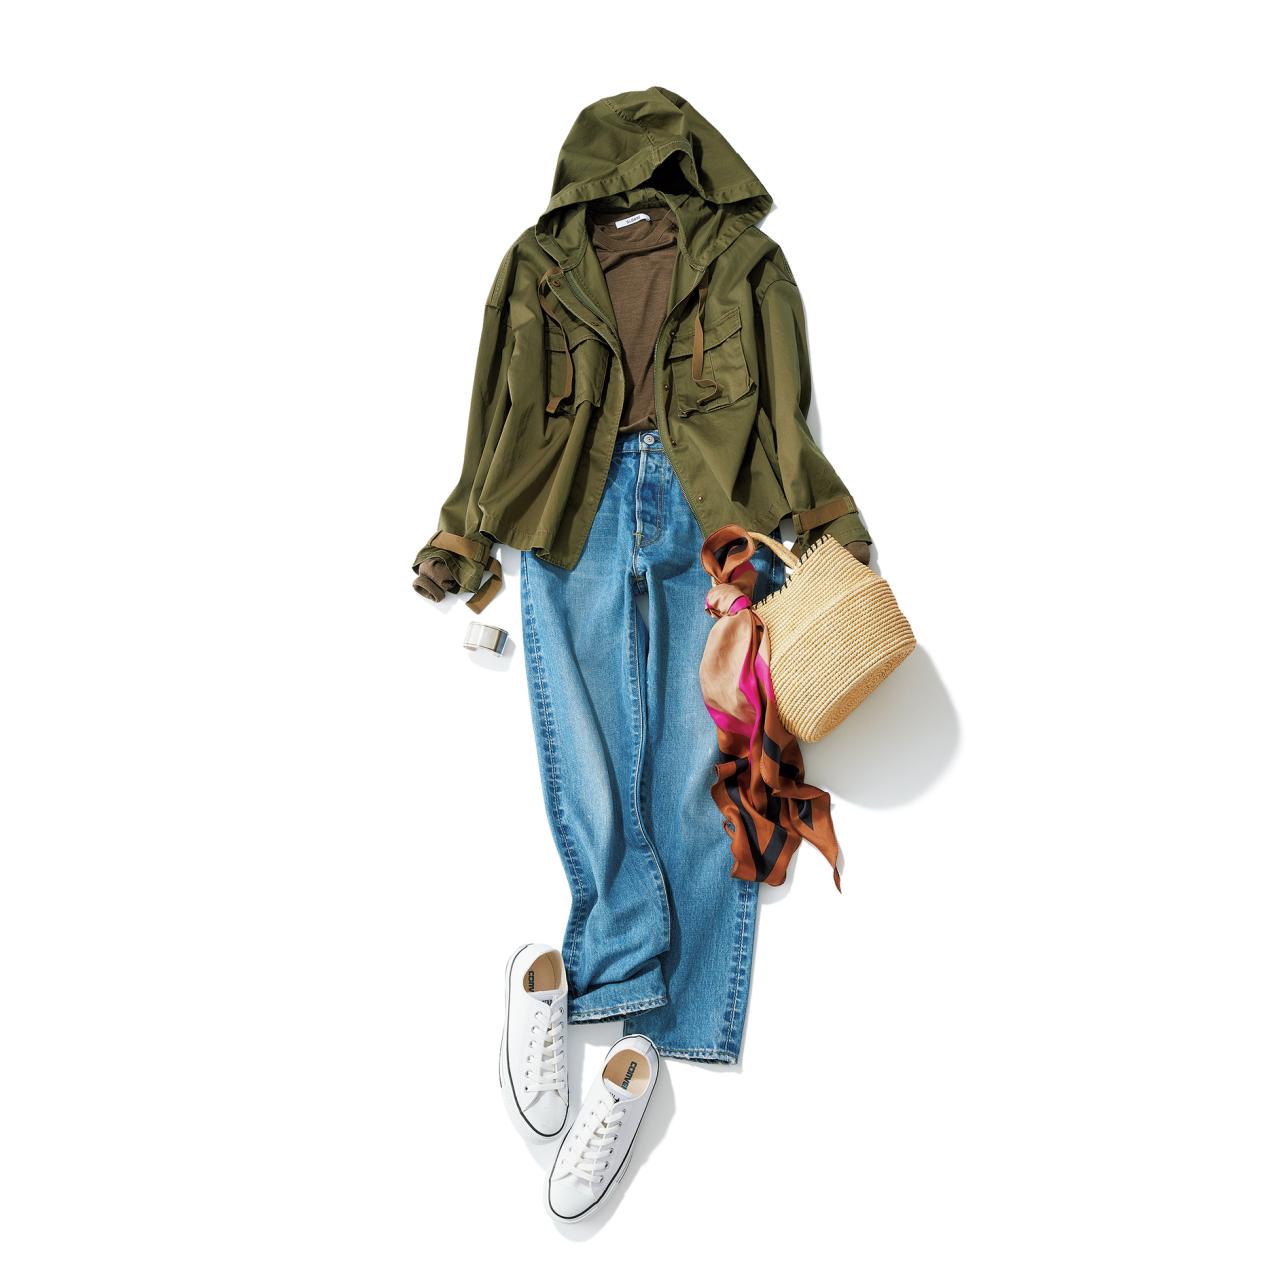 白コンバースのローカットスニーカー×ジャケット&デニムパンツのファッションコーデ